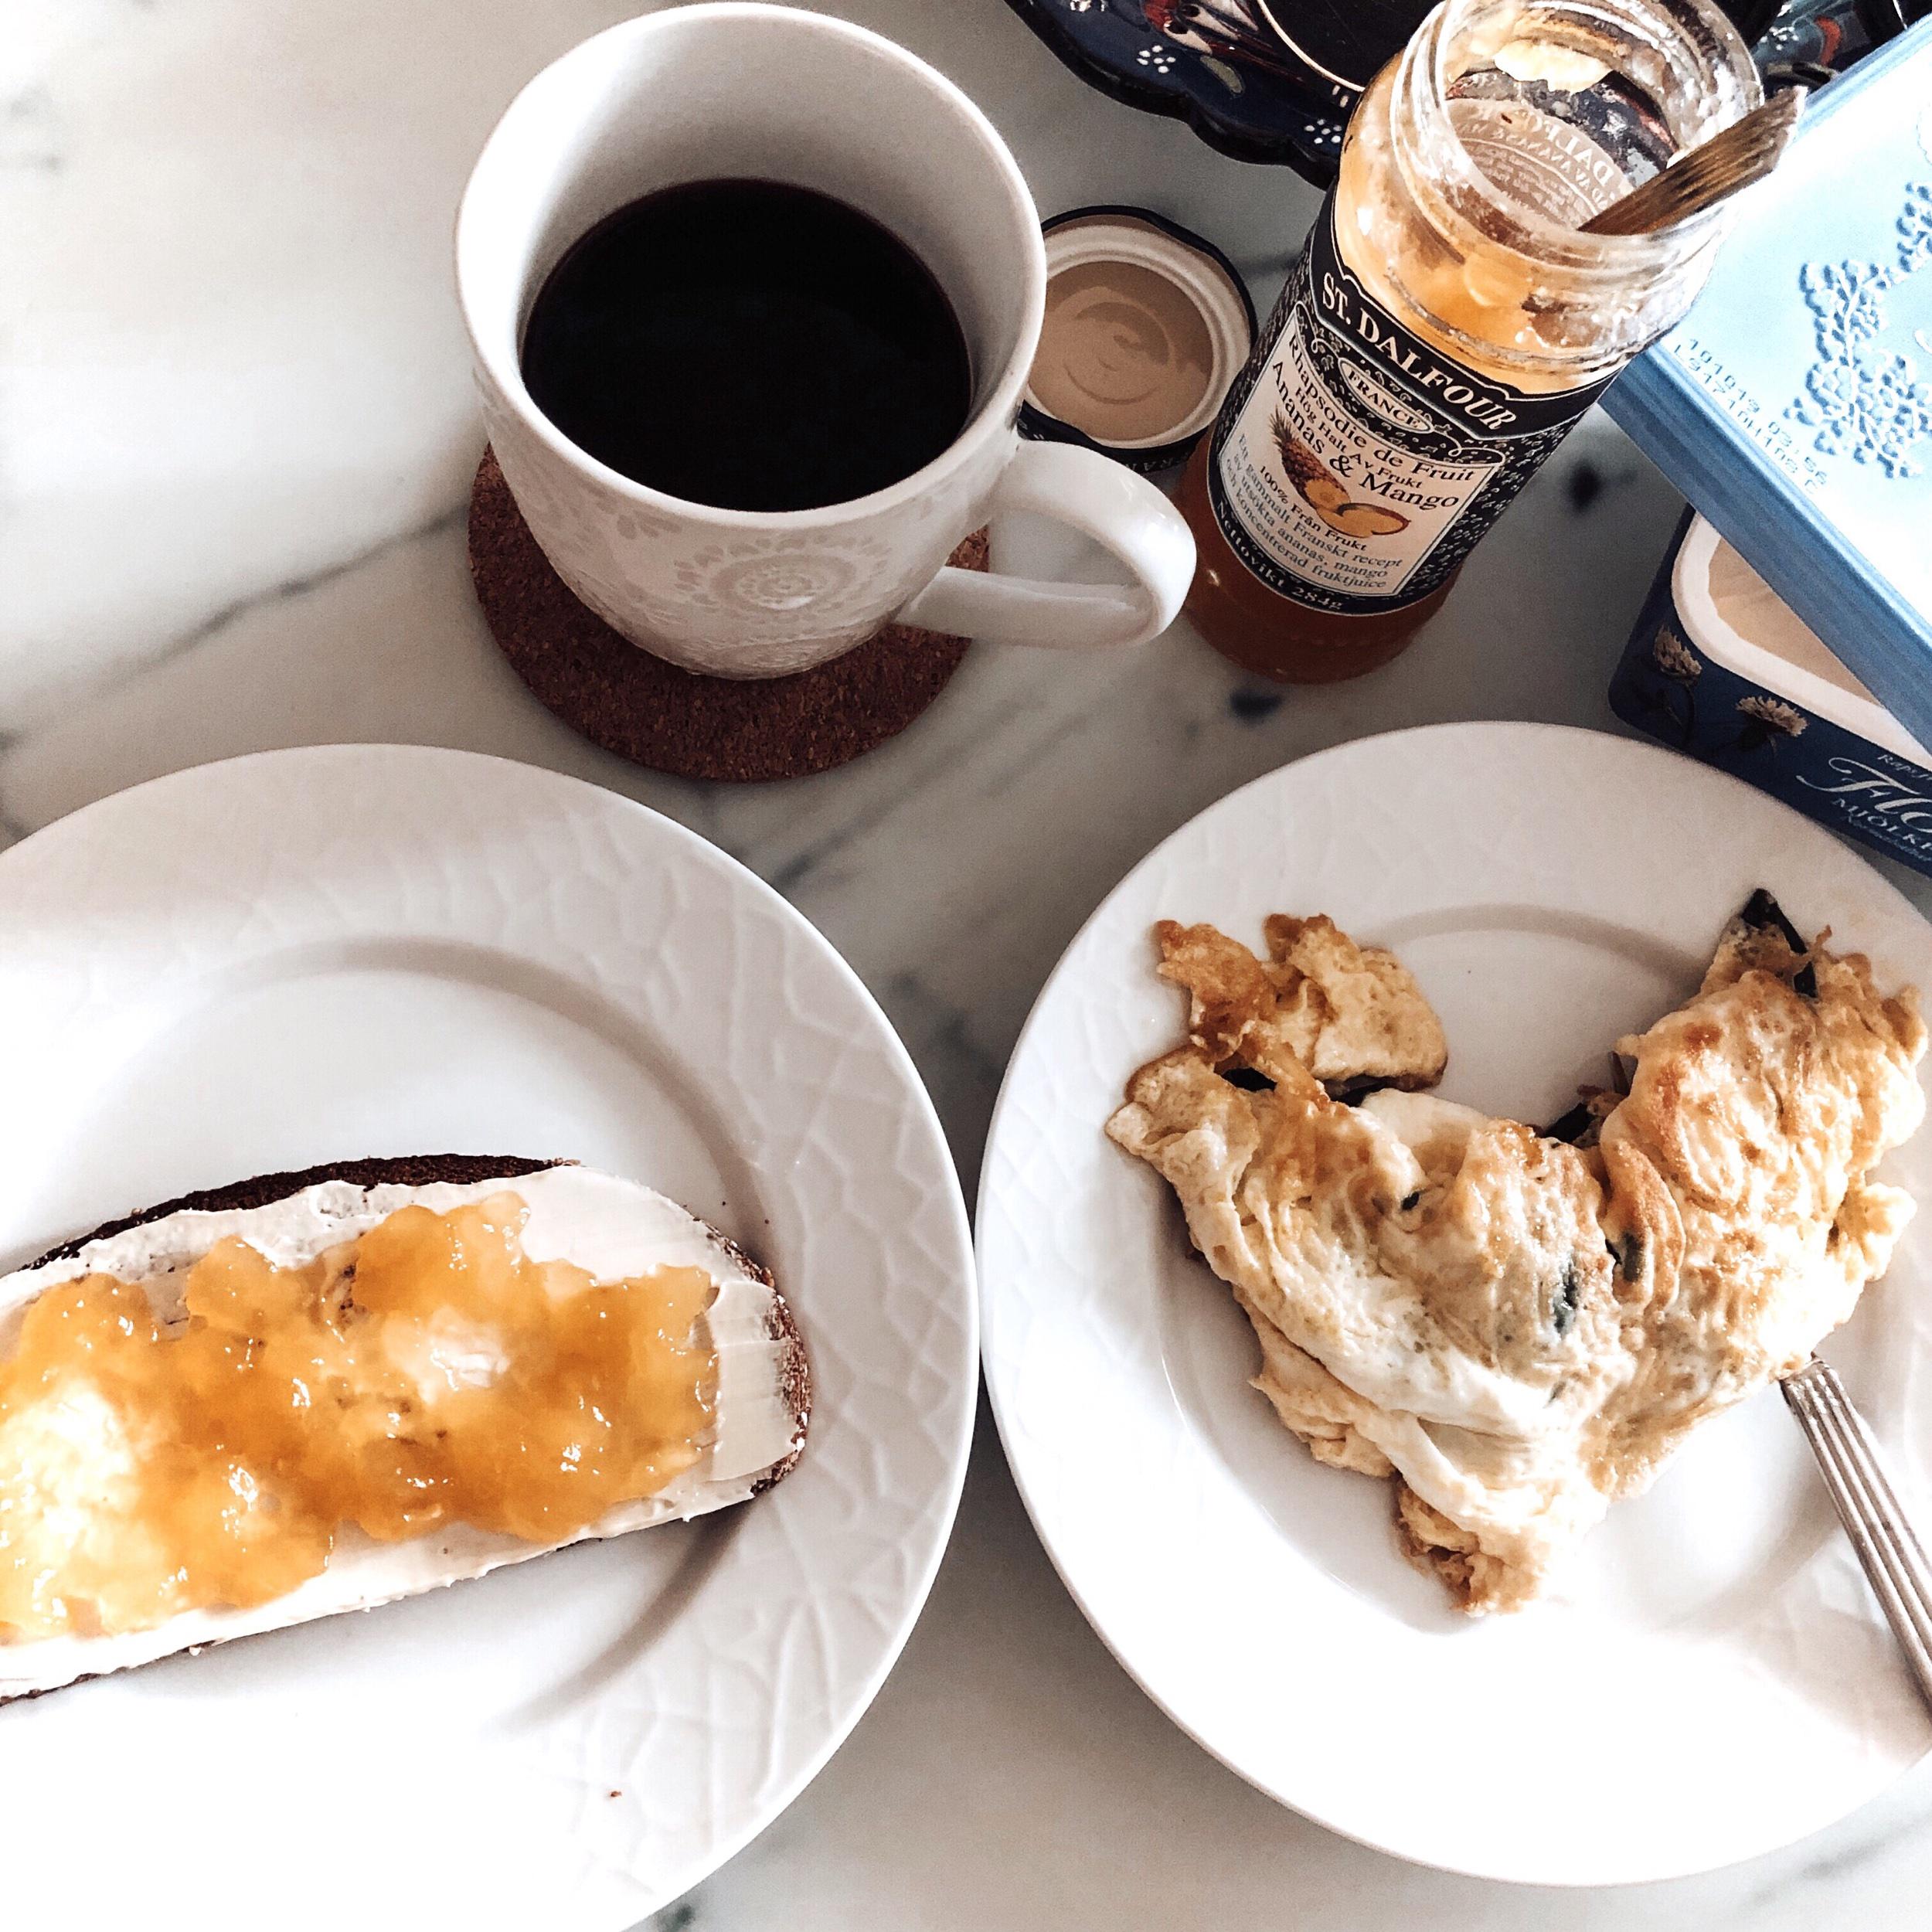 Nyckelmärkt Lingongrova med mjölkfritt smör och ananas- och mangomarmelad, äggröra gjort på två stycken ägg och en näve babyspenat och så klart mitt traditionella morgonkaffe! ☺�